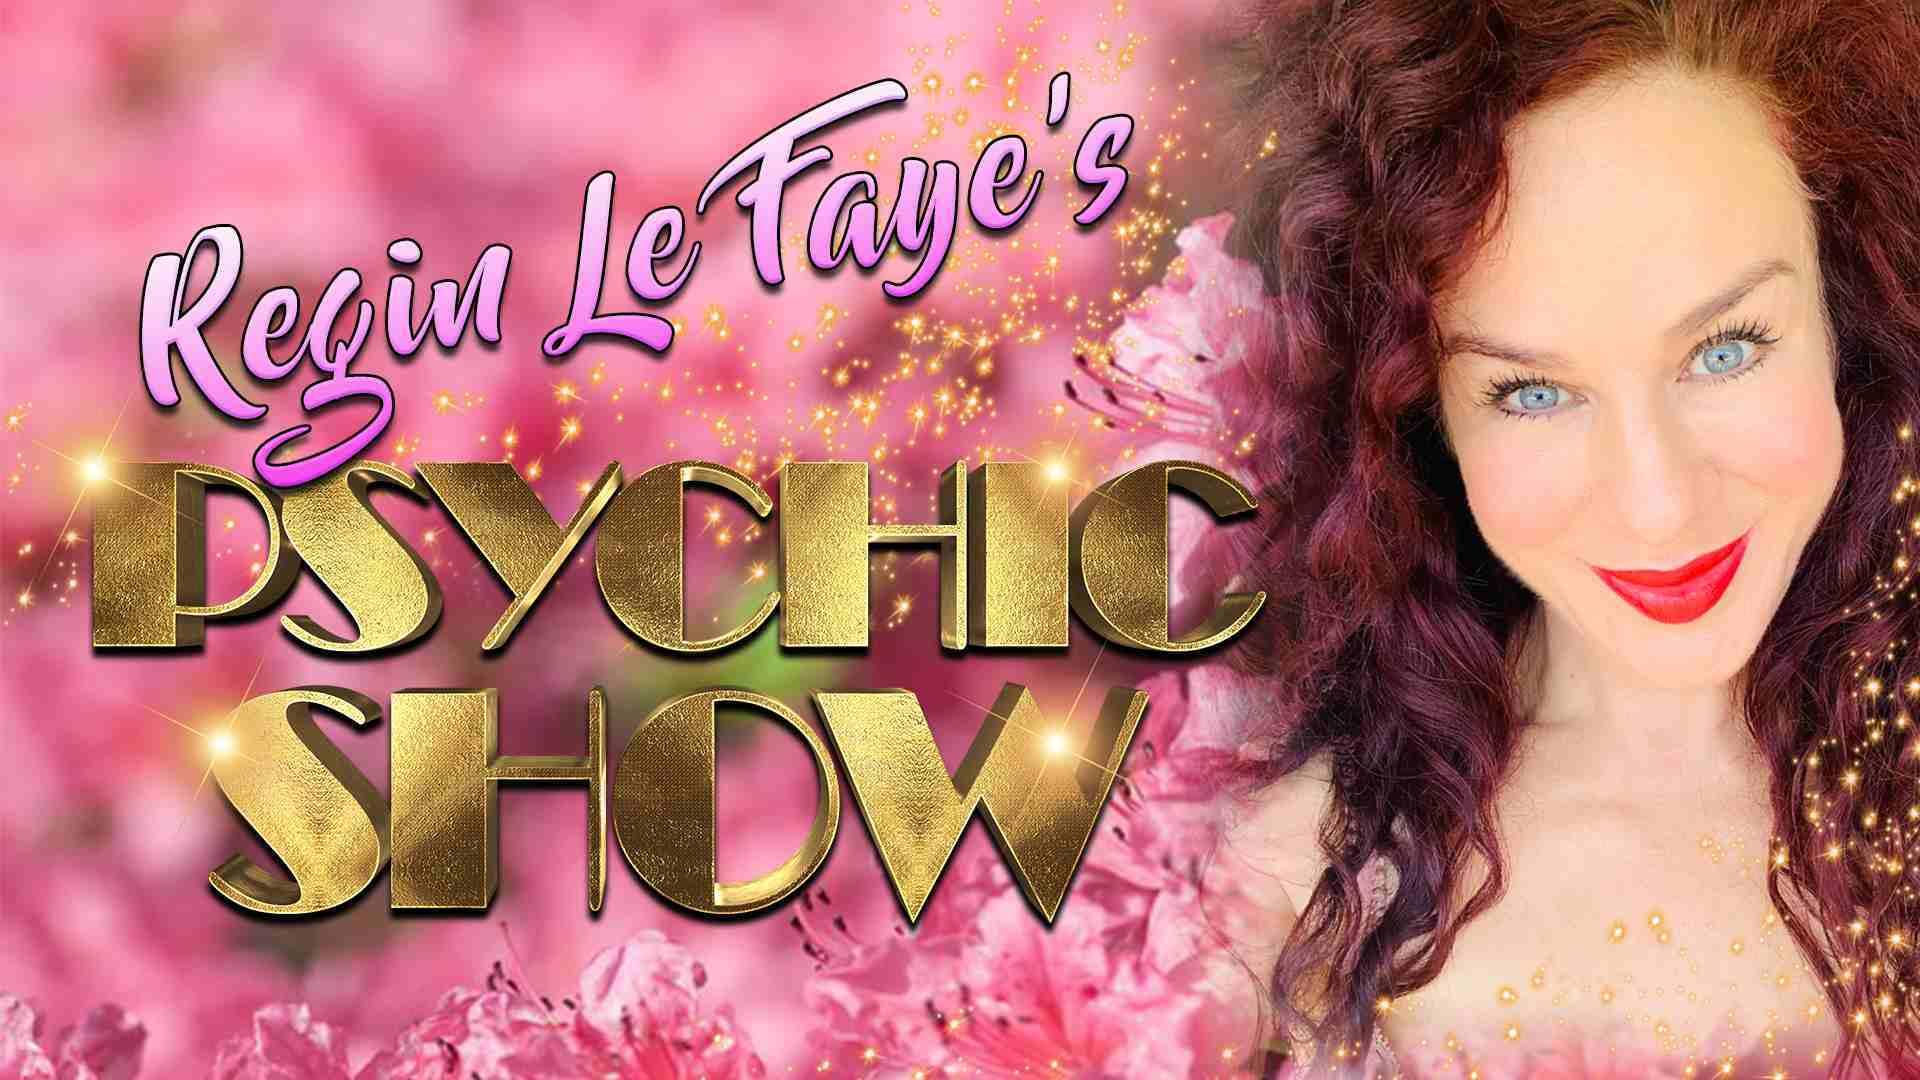 Psychic medium show